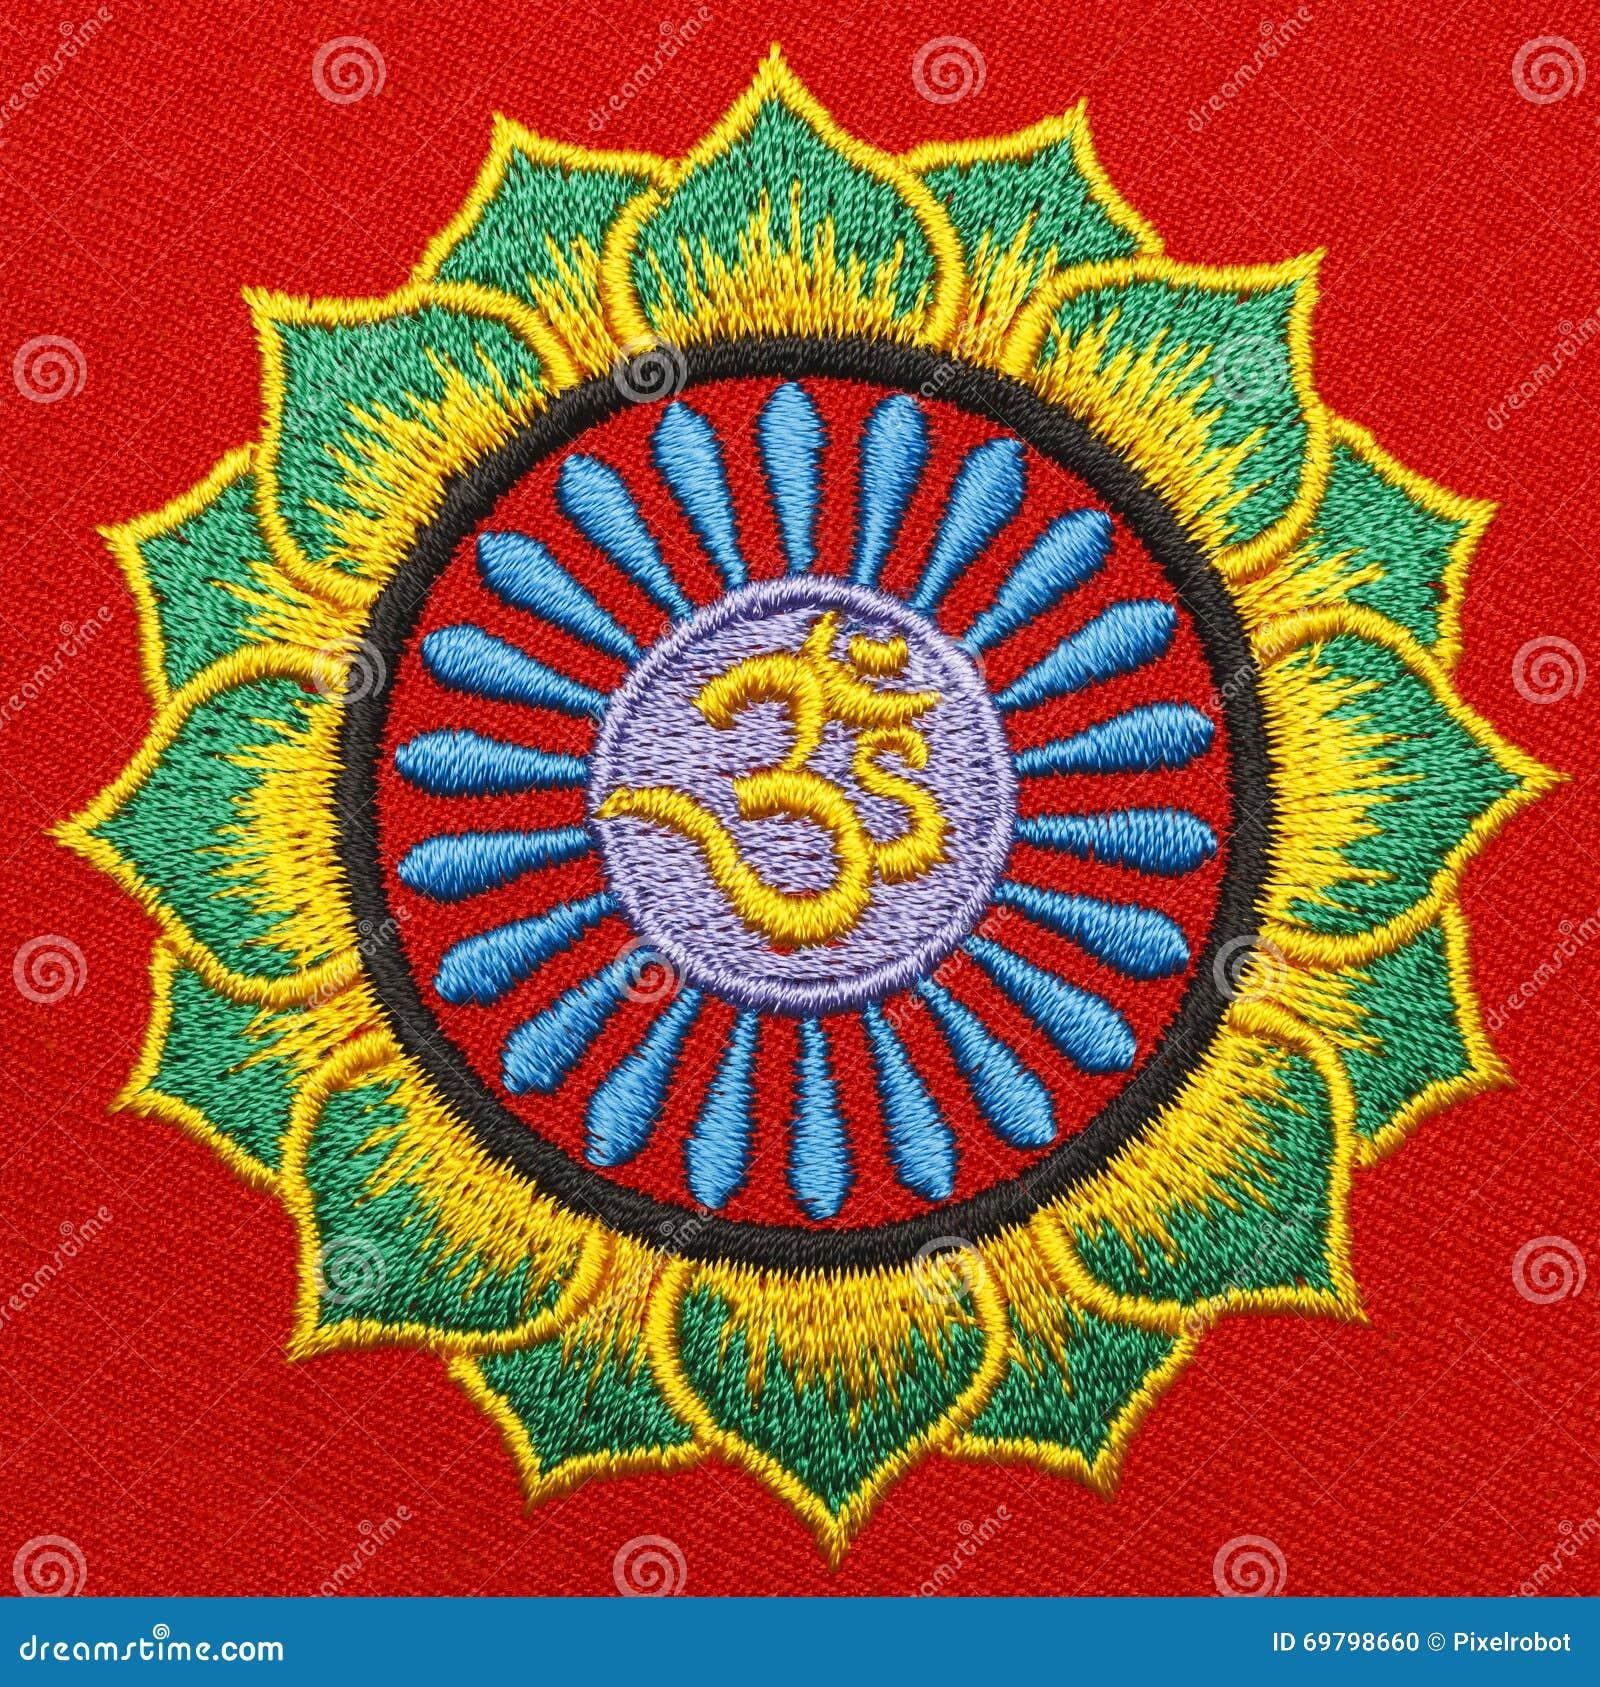 Fabric om symbol stock photo image of east lotus buddhism fabric om symbol buycottarizona